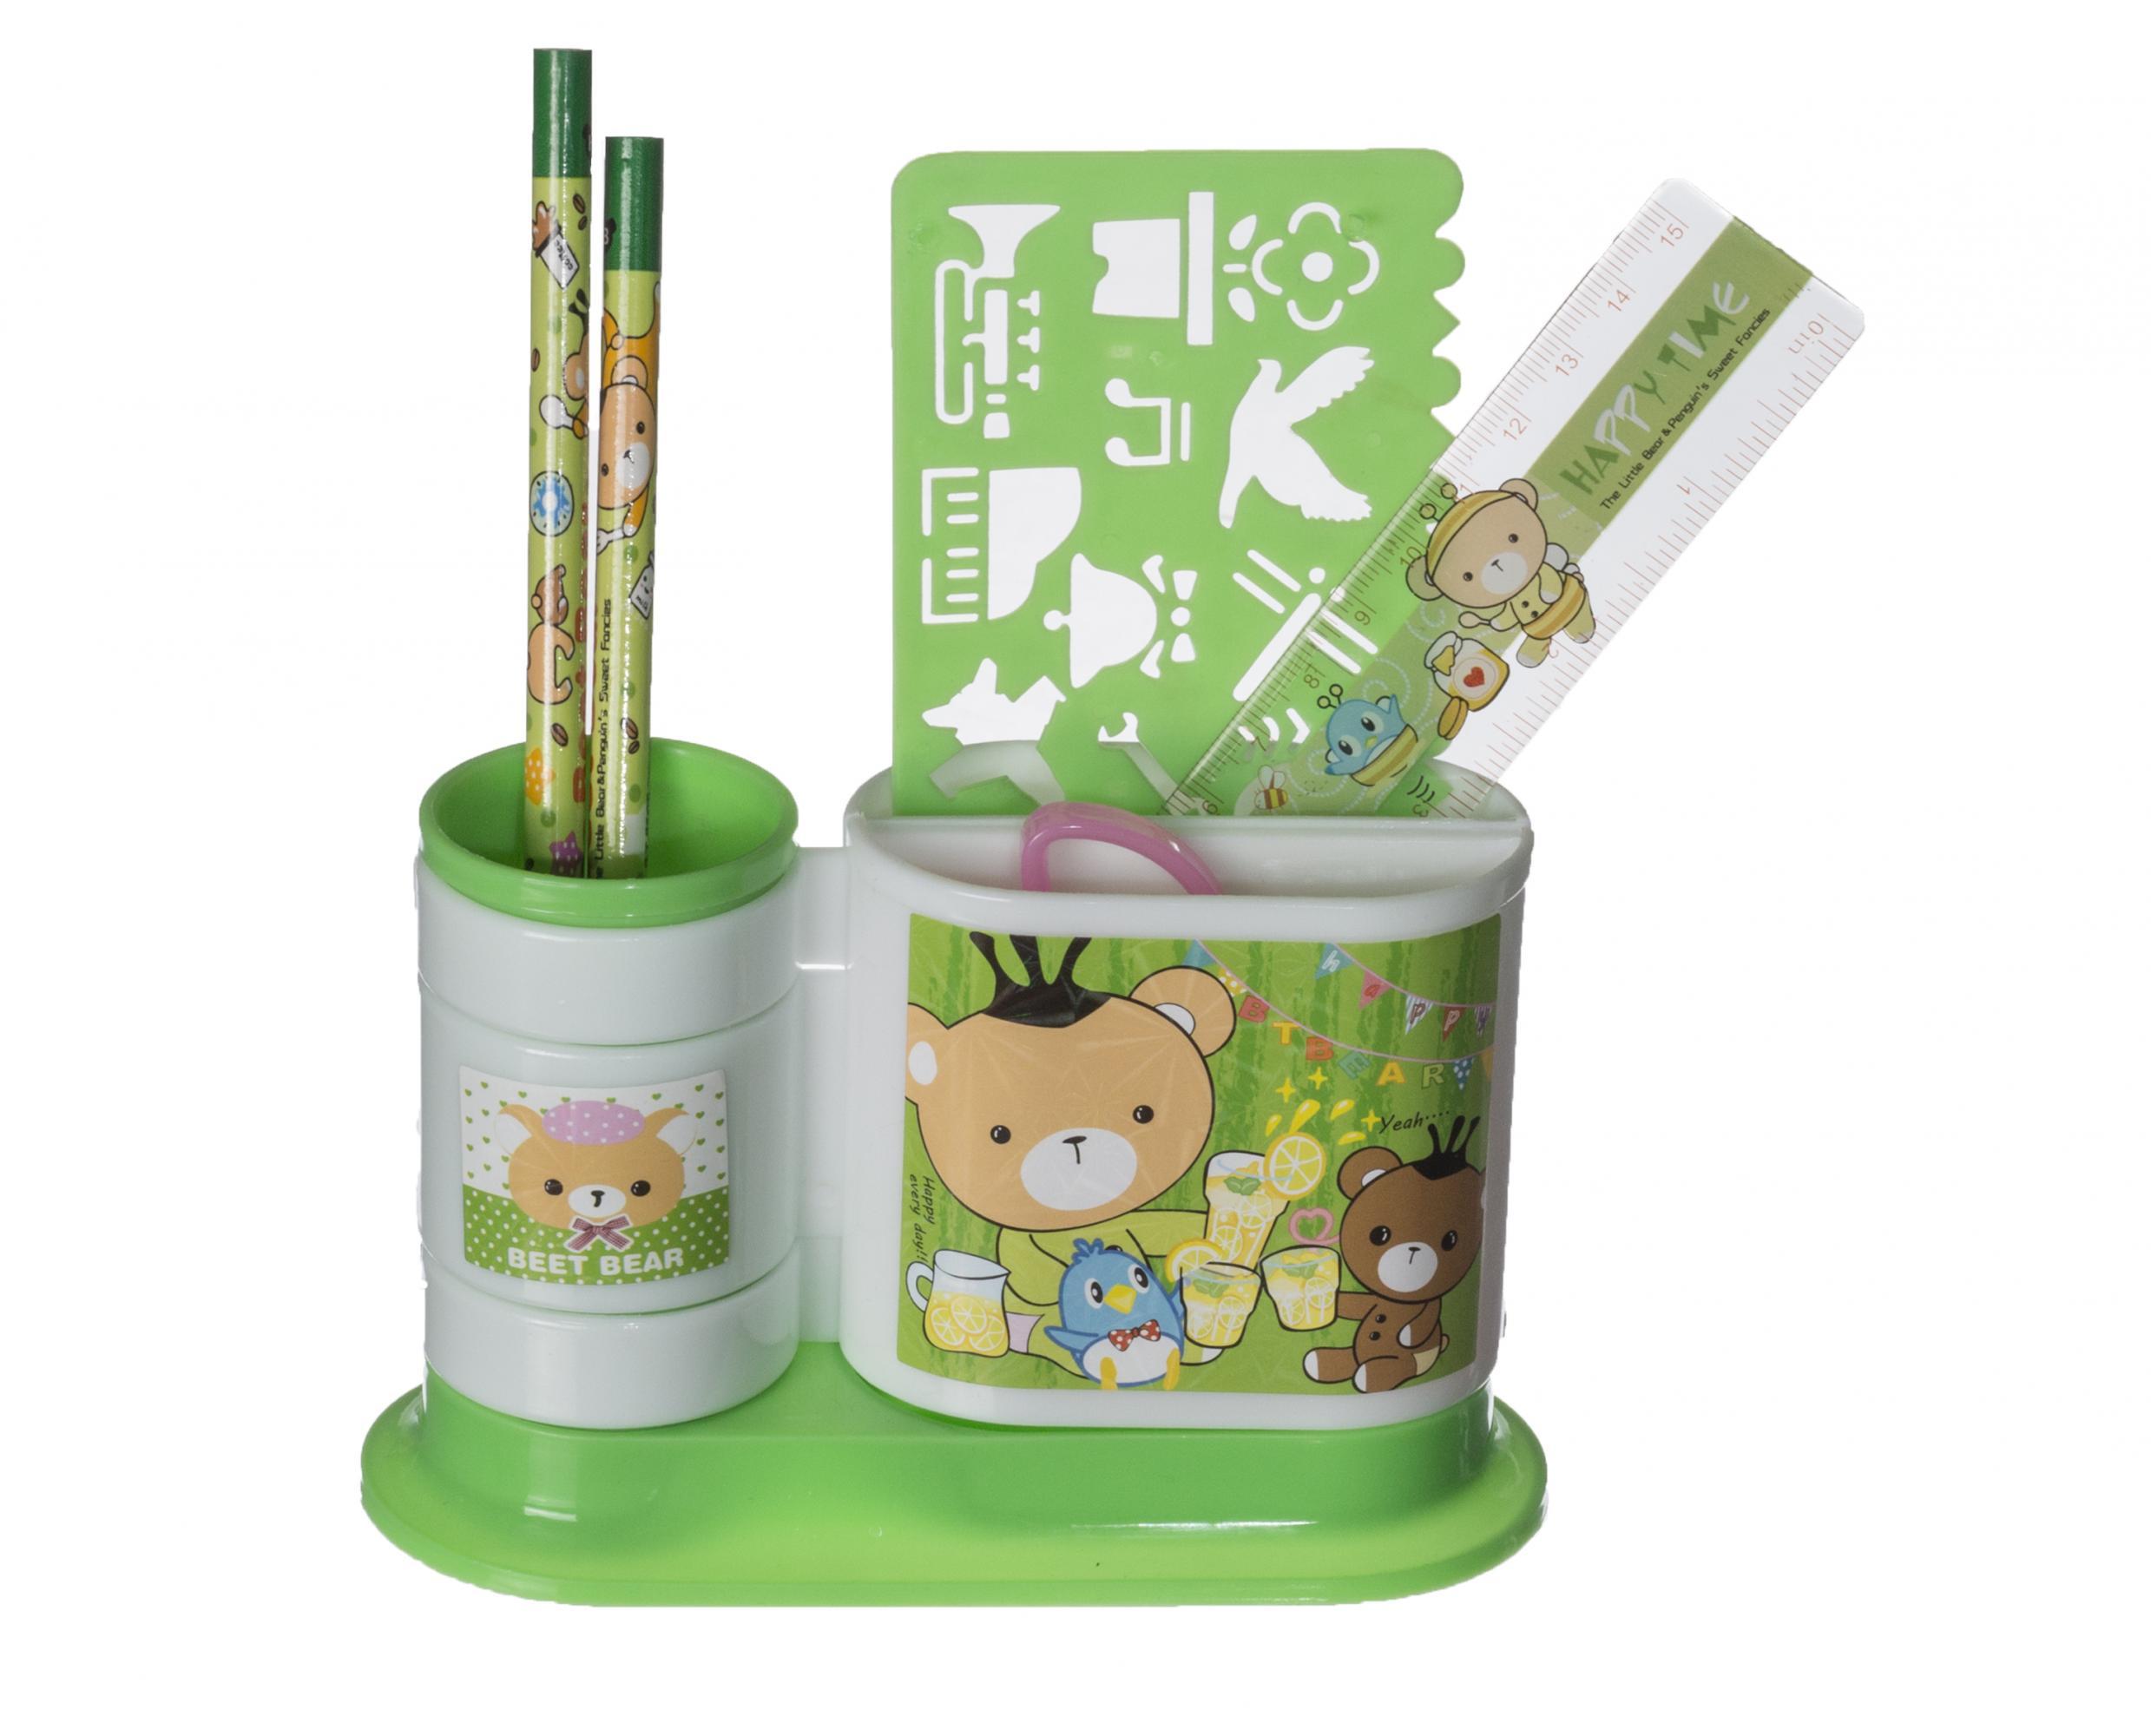 Купить Набор канцтоваров подарочный EVO в интернет магазине. Цены, характеристики, фото, отзывы, обзоры